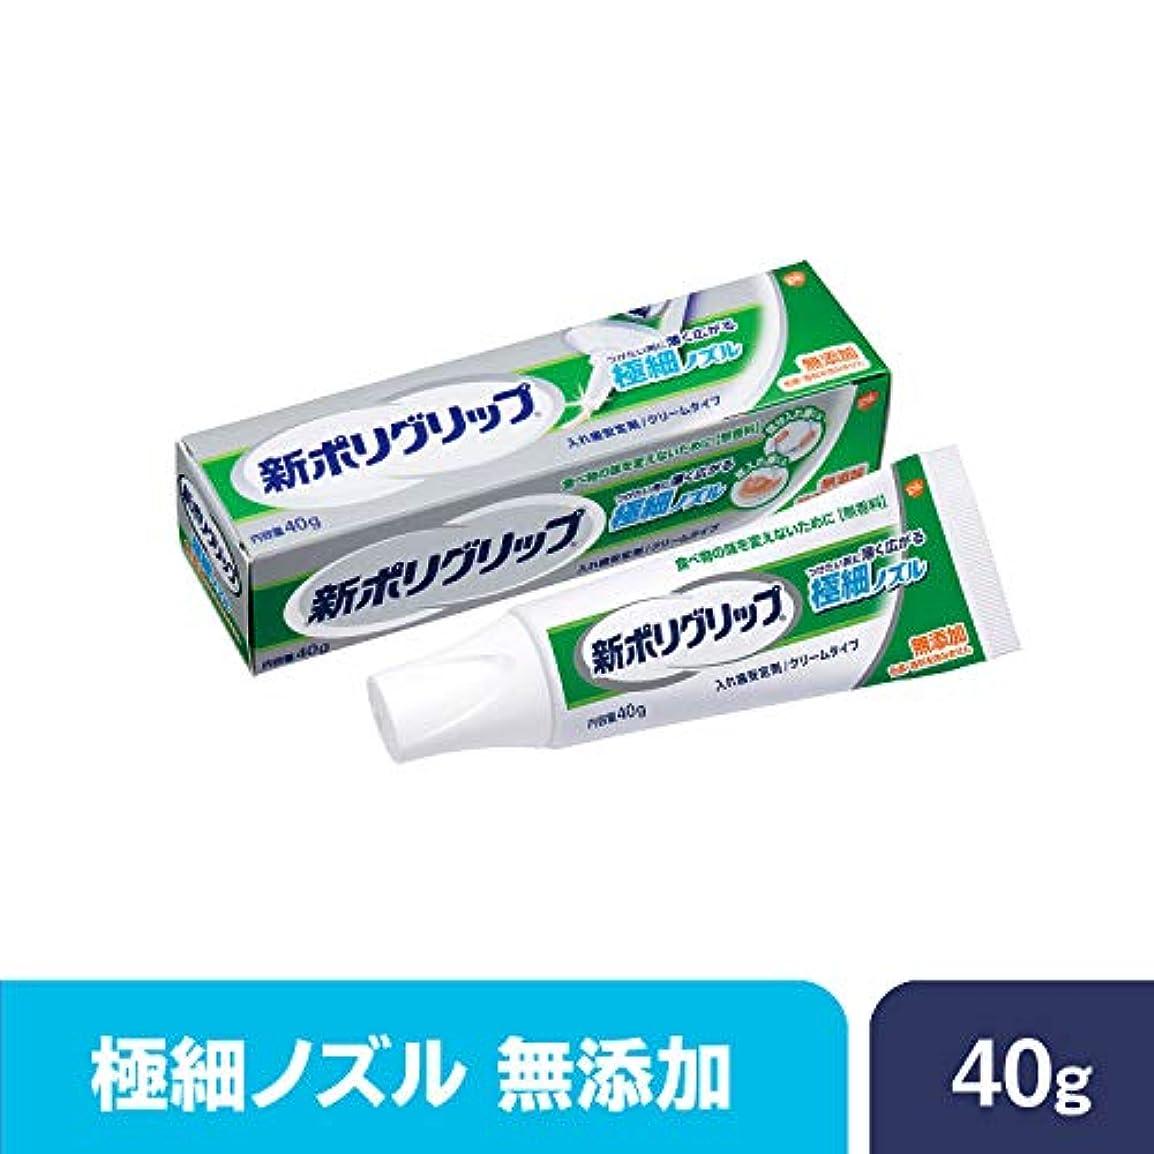 対角線老朽化したヒロイン部分?総入れ歯安定剤 新ポリグリップ極細ノズル 無添加 40g